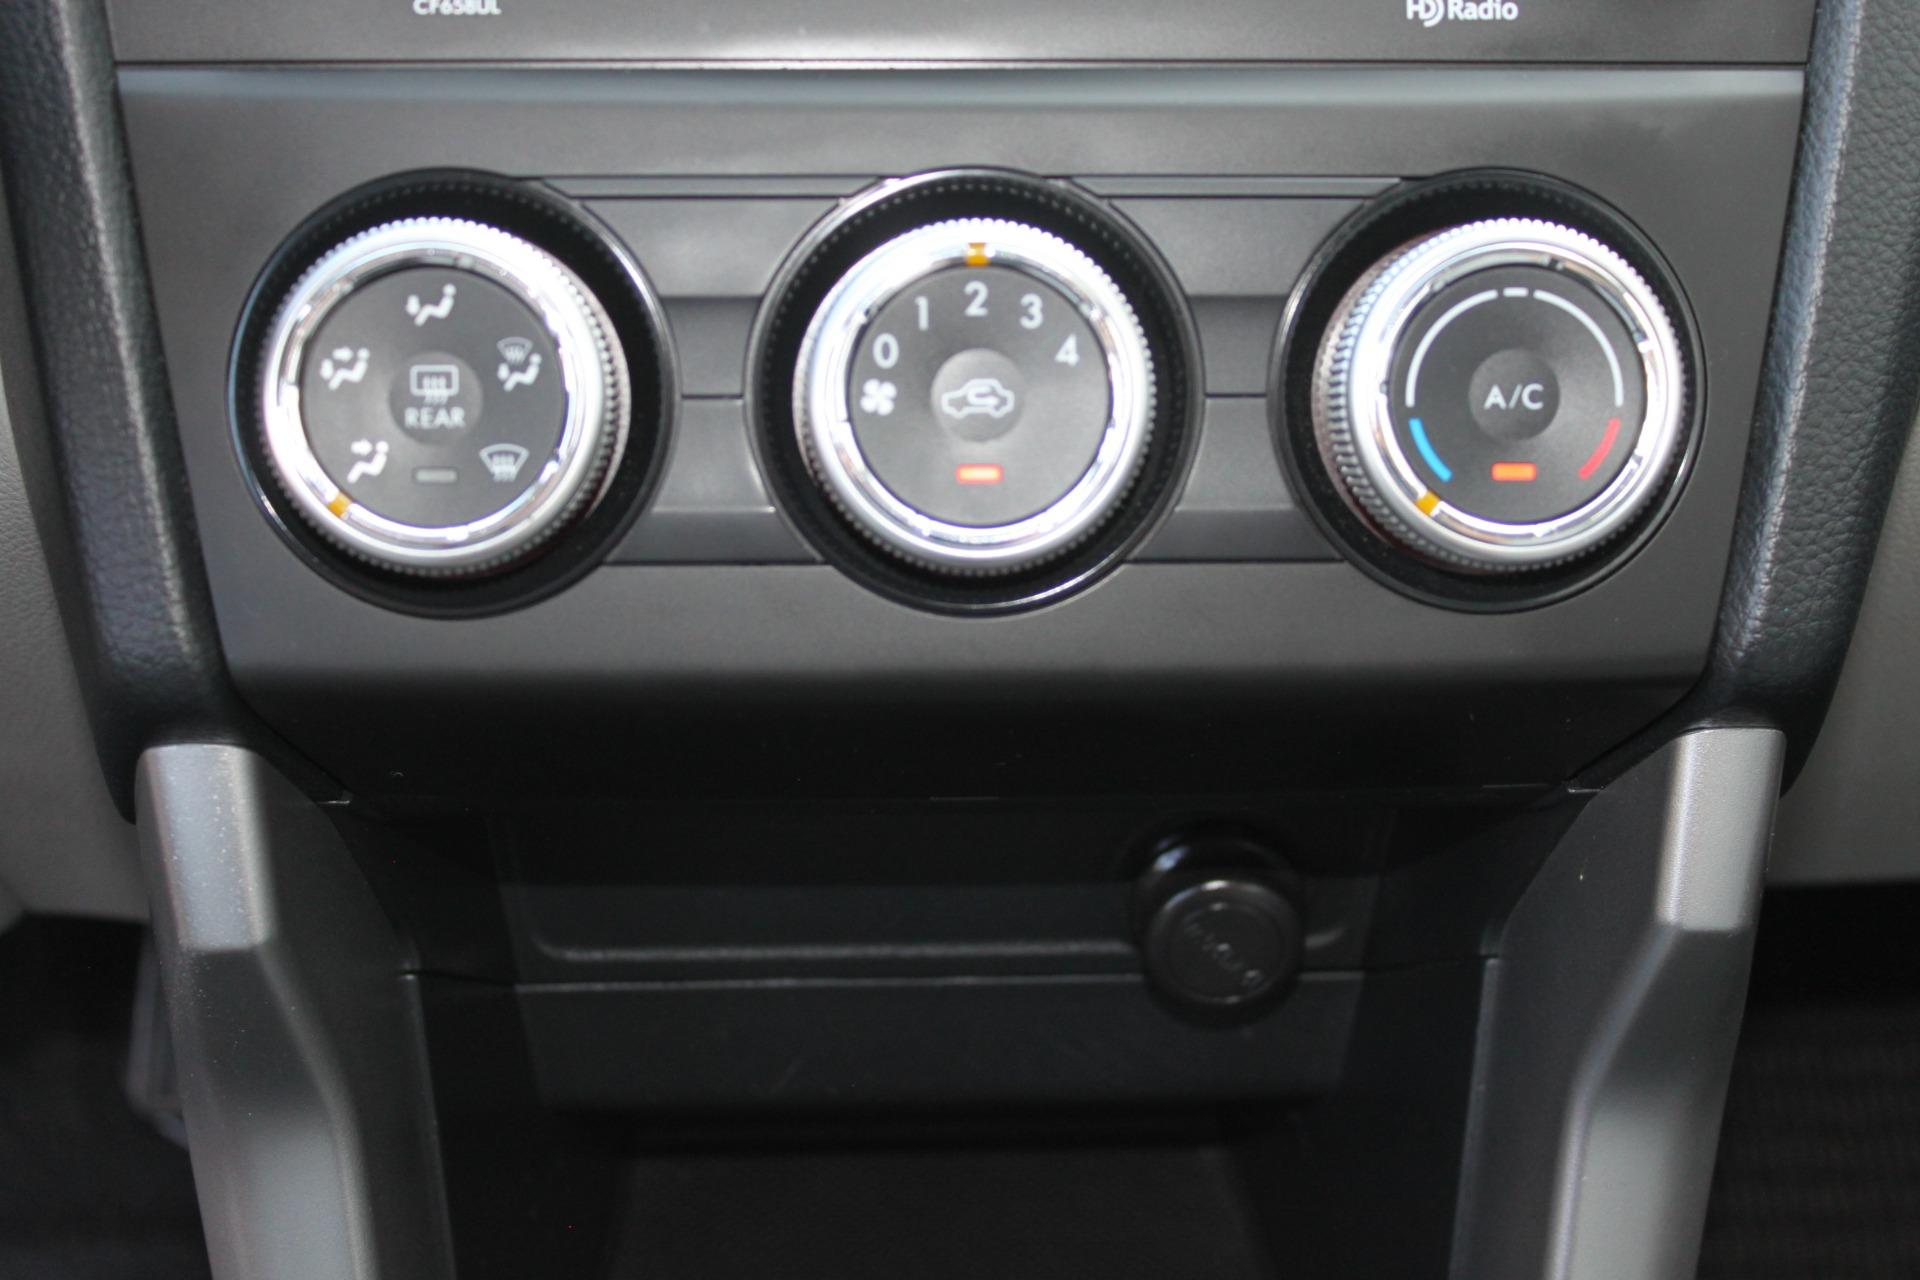 Used-2017-Subaru-Forester-25i-All-Wheel-Drive-25i-Classic